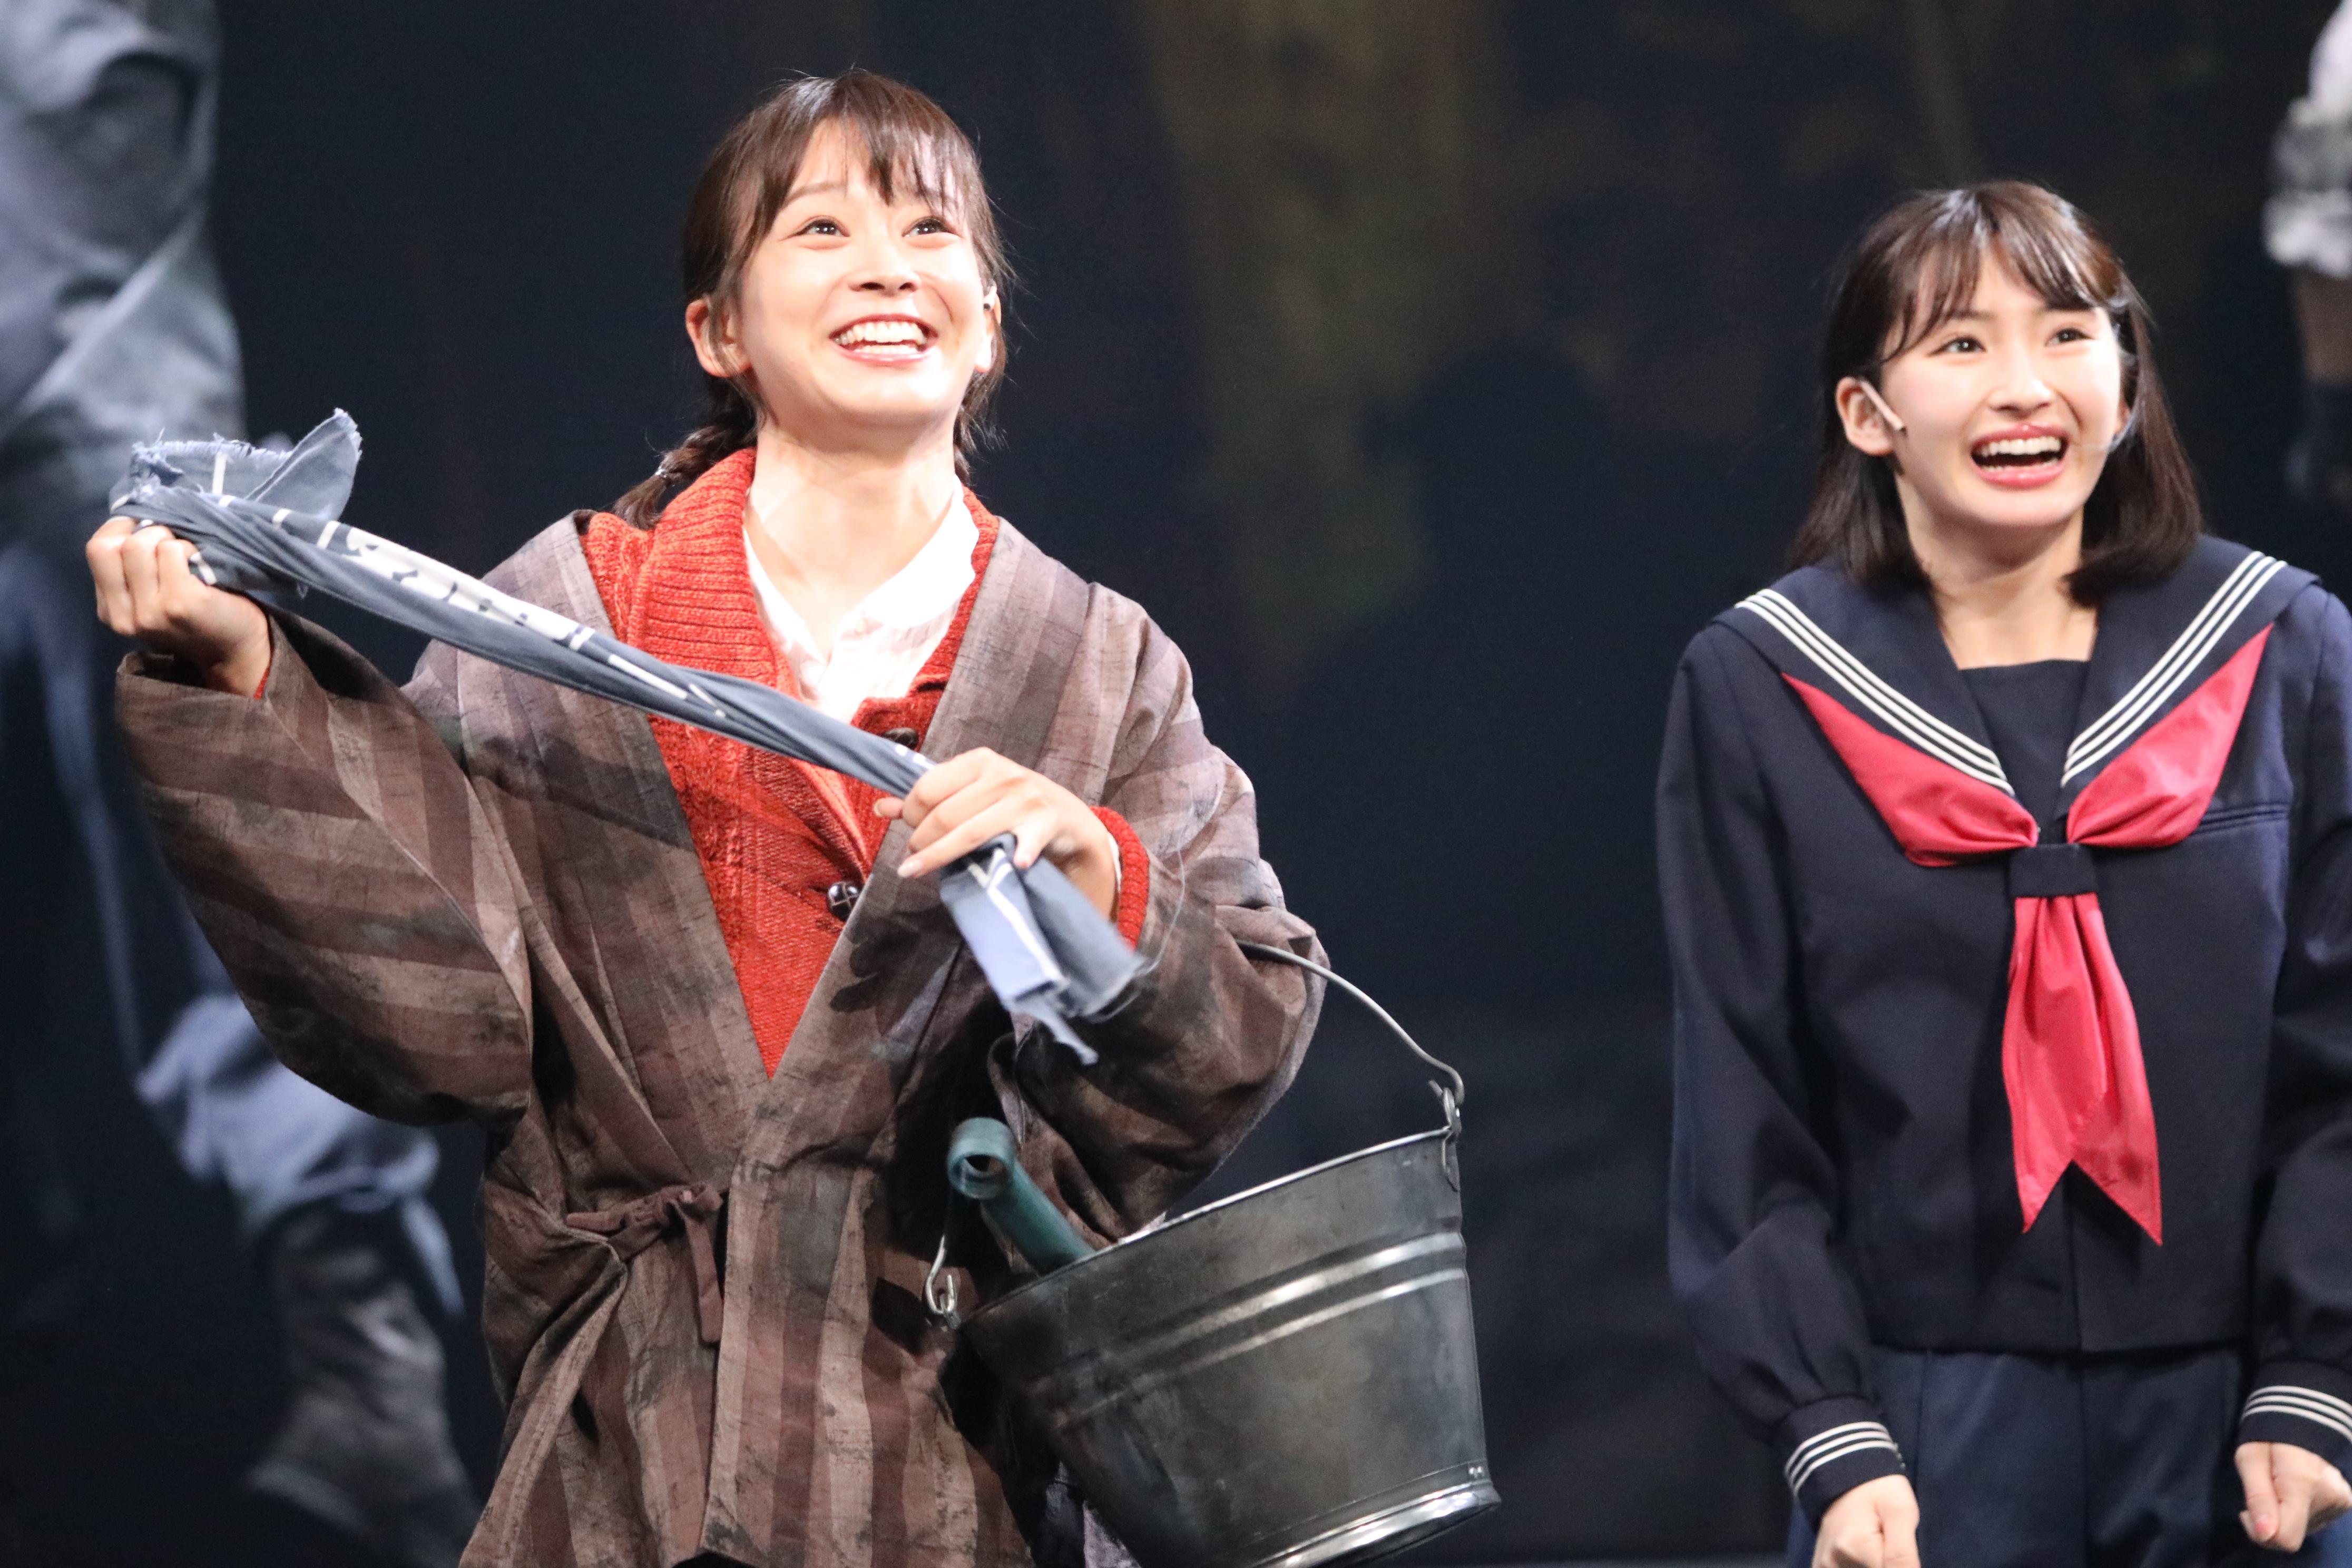 舞台「フラガール」で早苗を演じる太田奈緒(左)